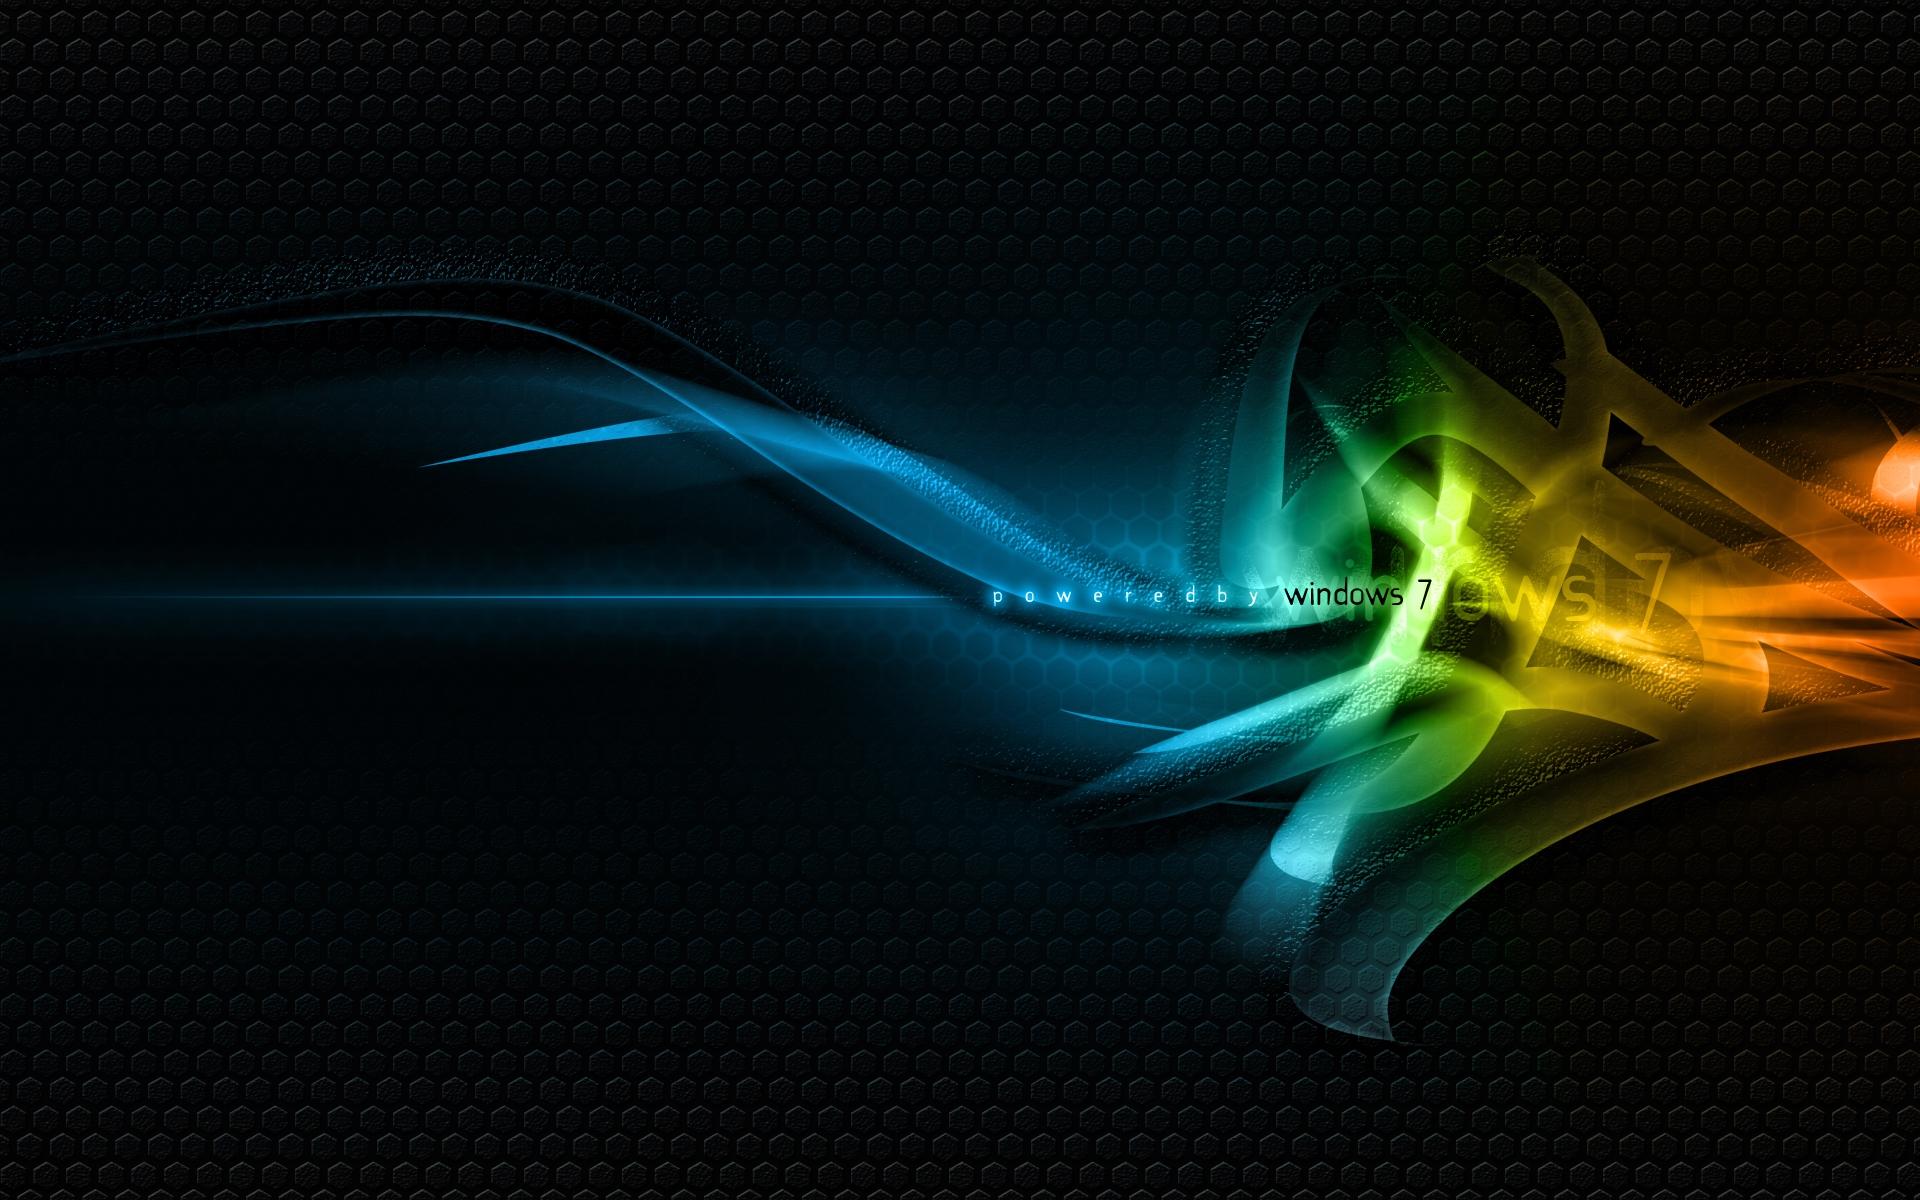 Windows 7 Wallpaper 1080p , HD Wallpaper & Backgrounds